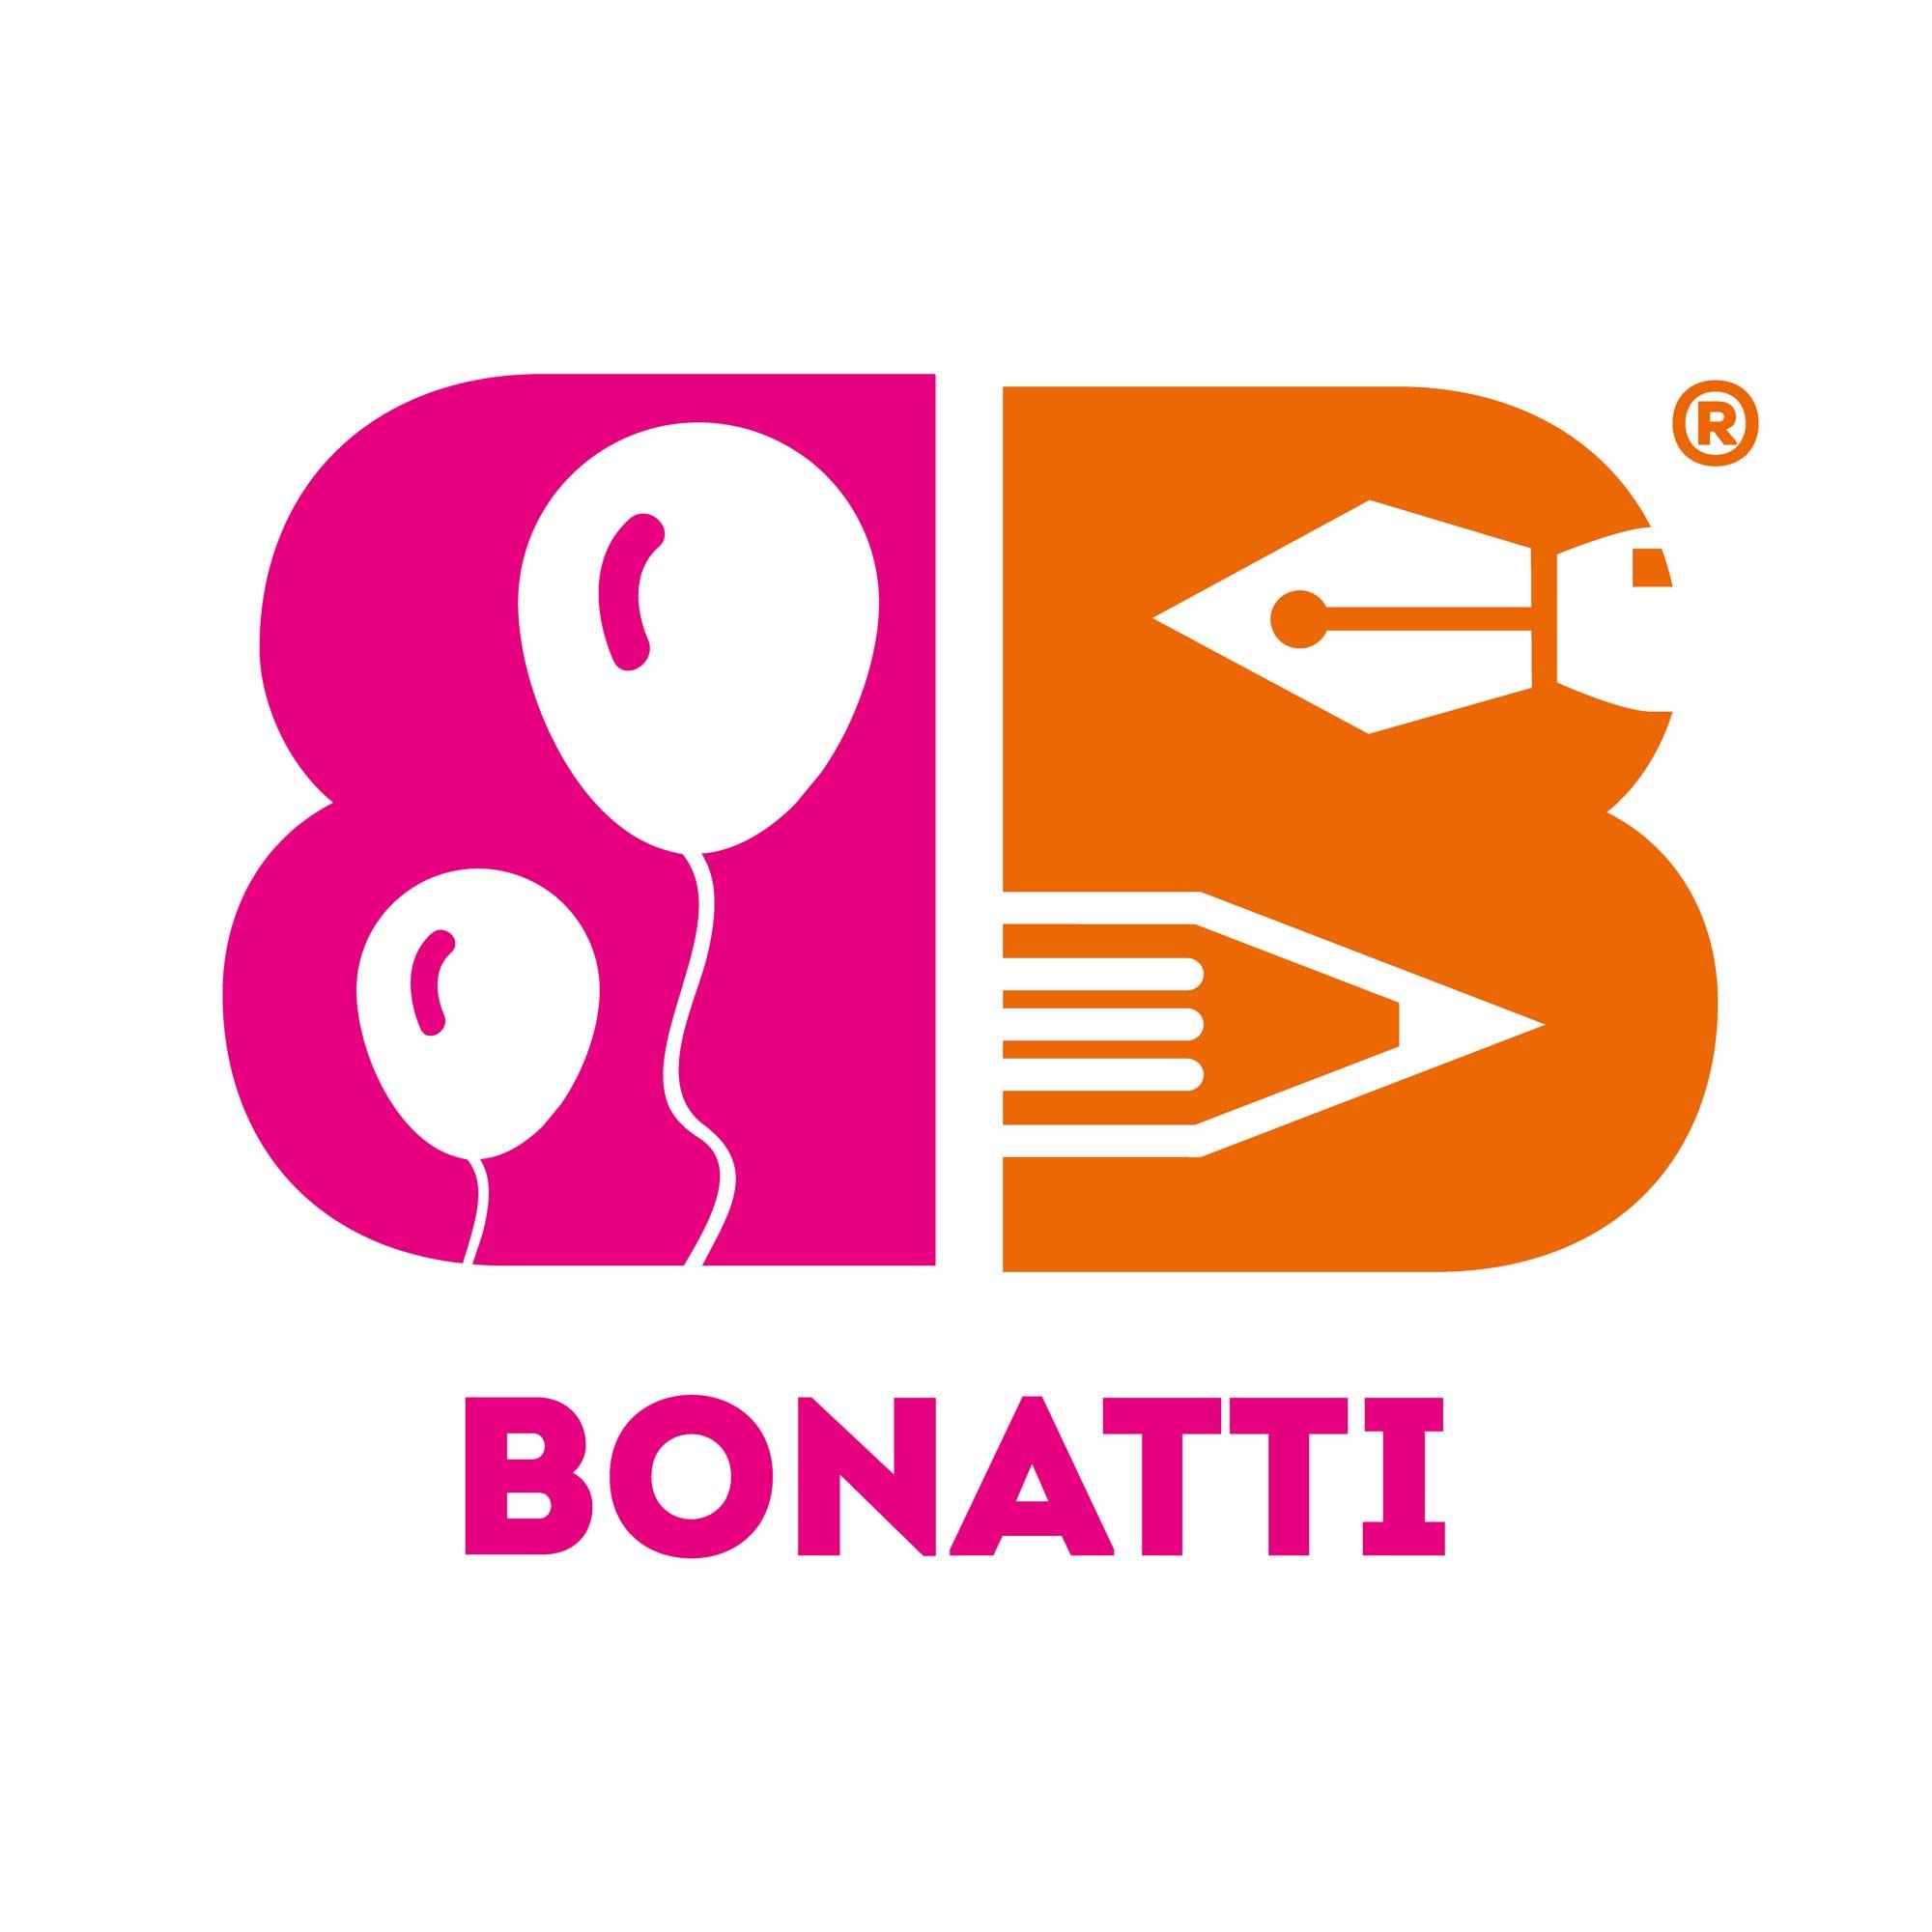 Bonatti e Bonatti